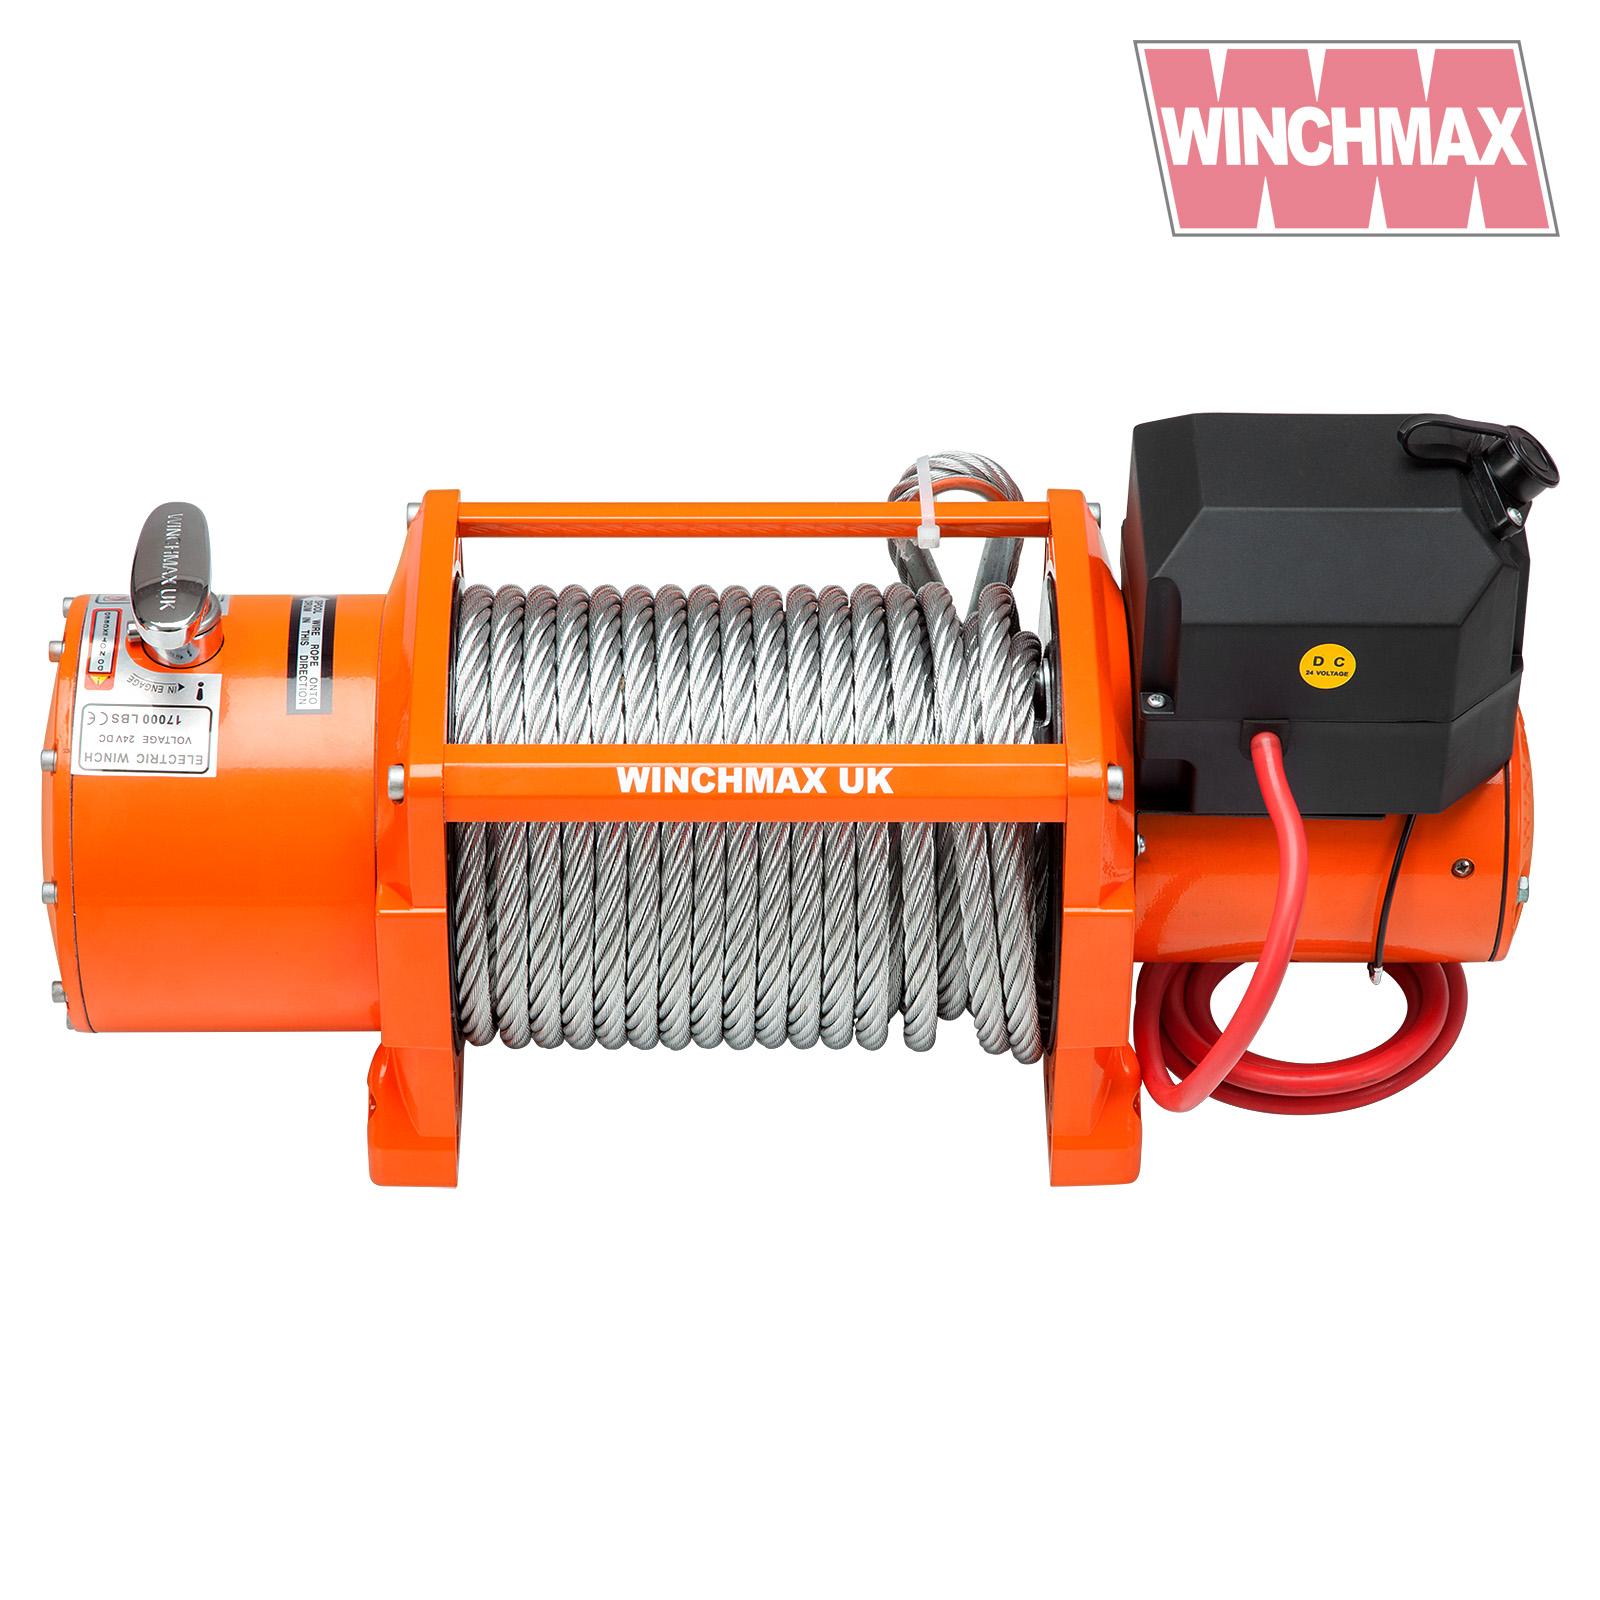 Wm1700024vr winchmax 300